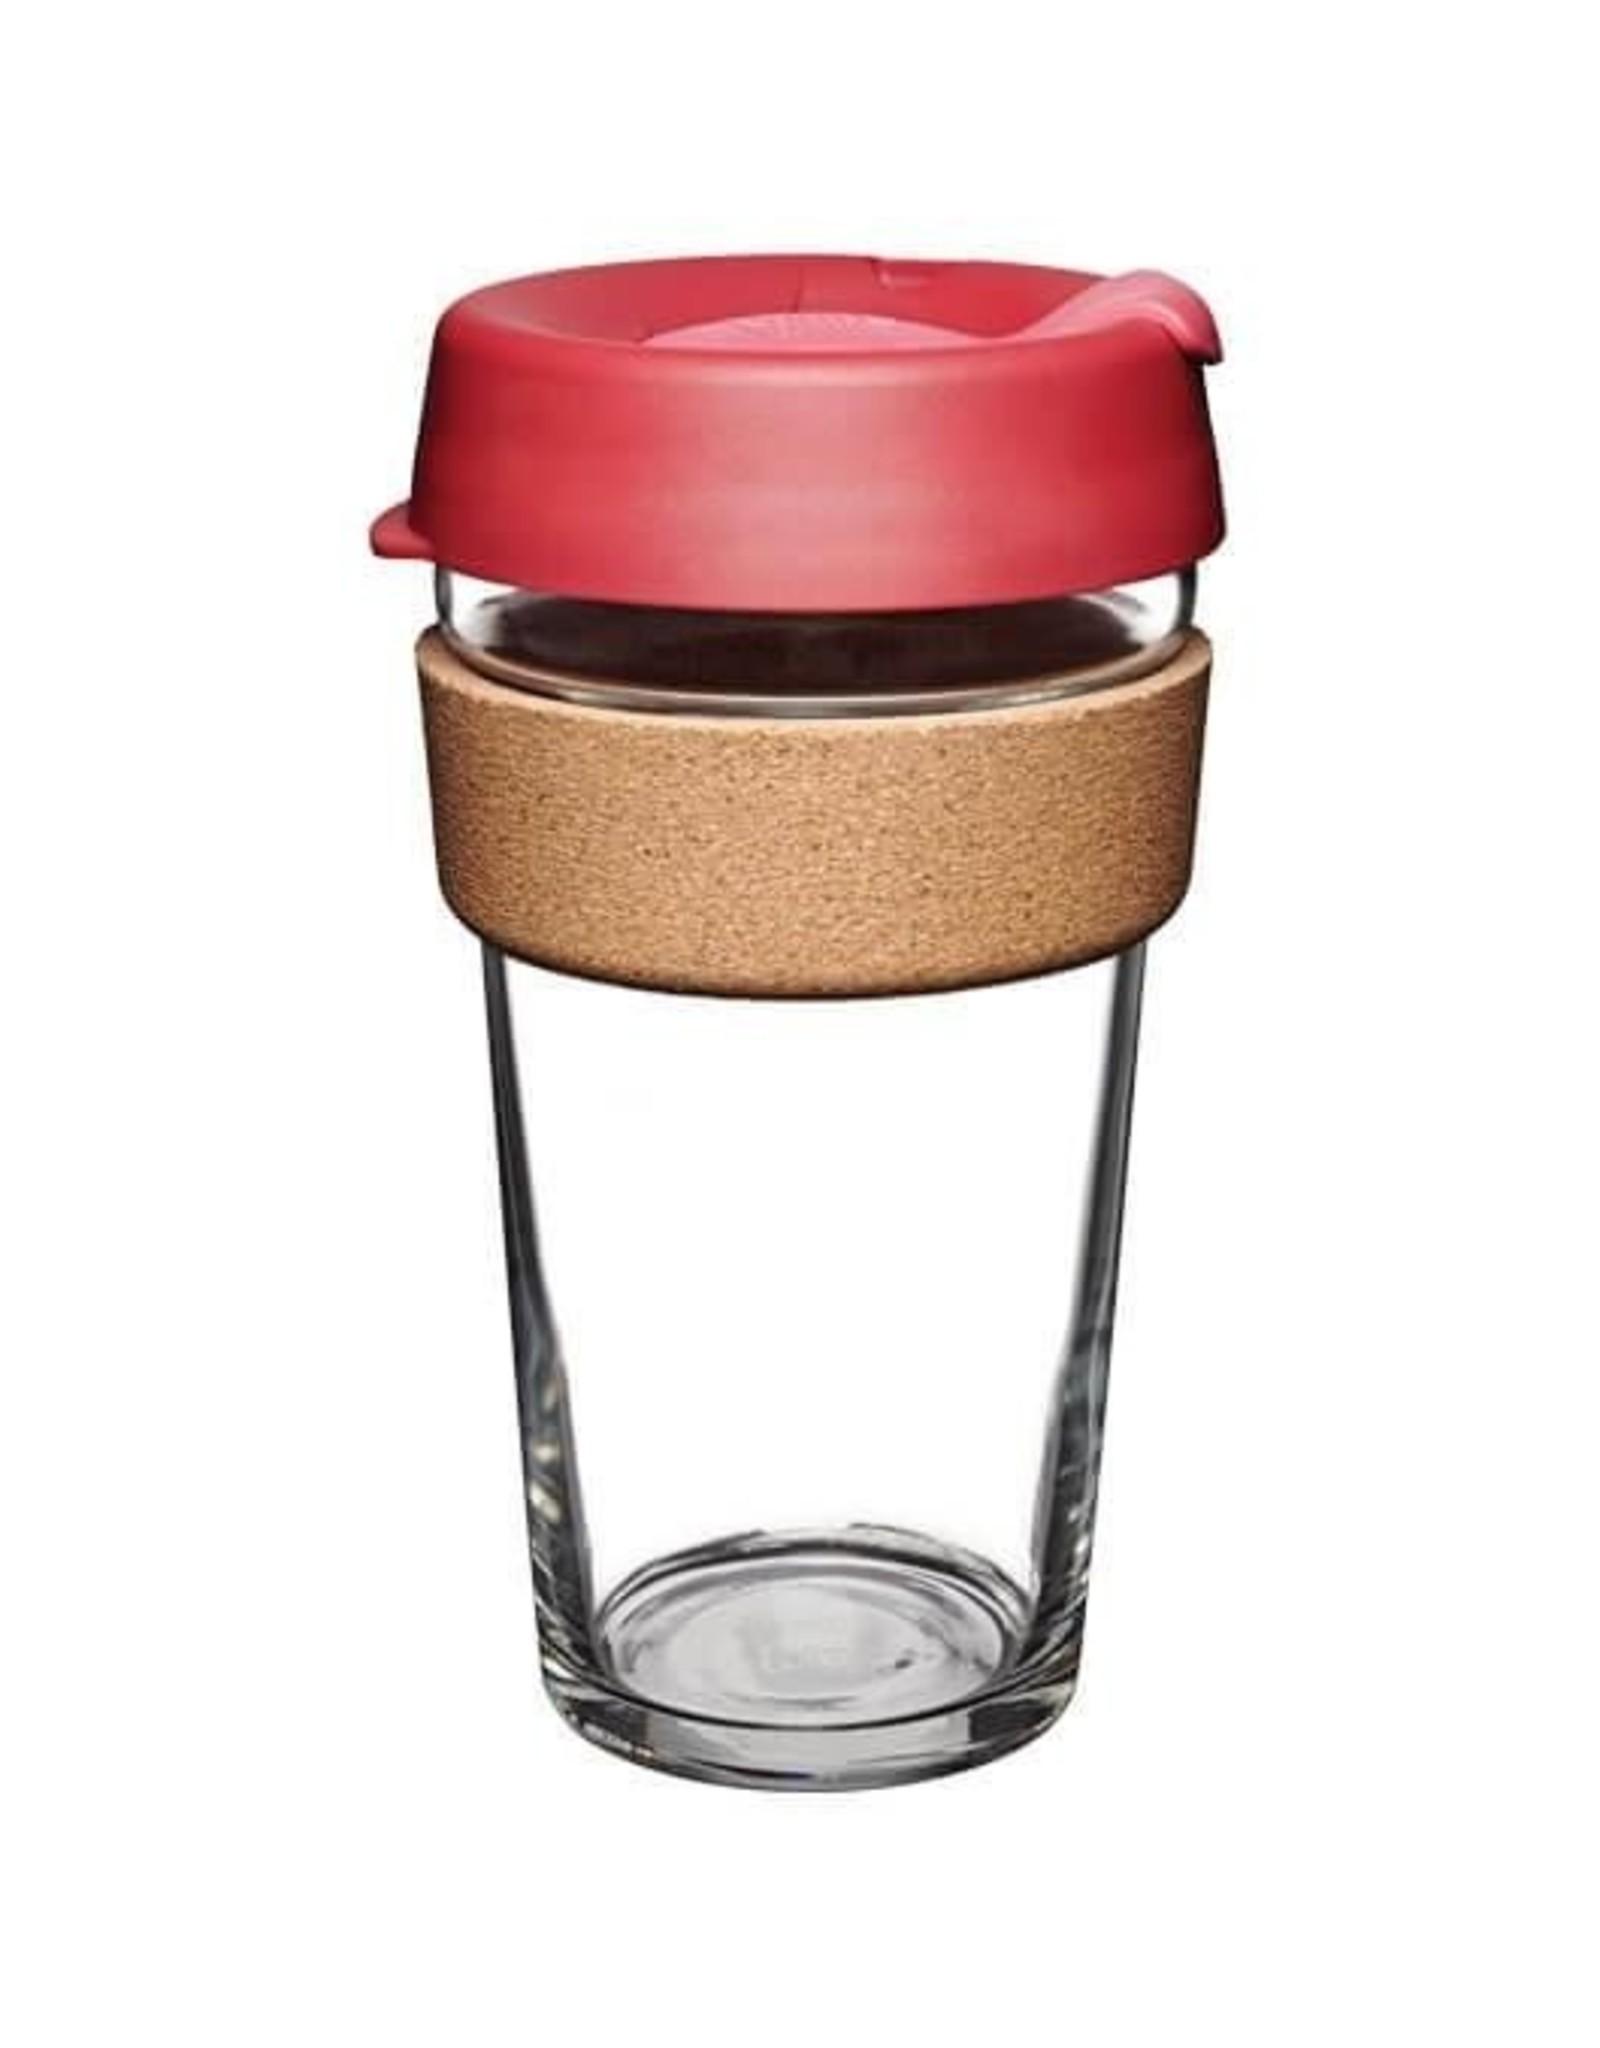 KeepCup KeepCup Brew Glass Travel Mug